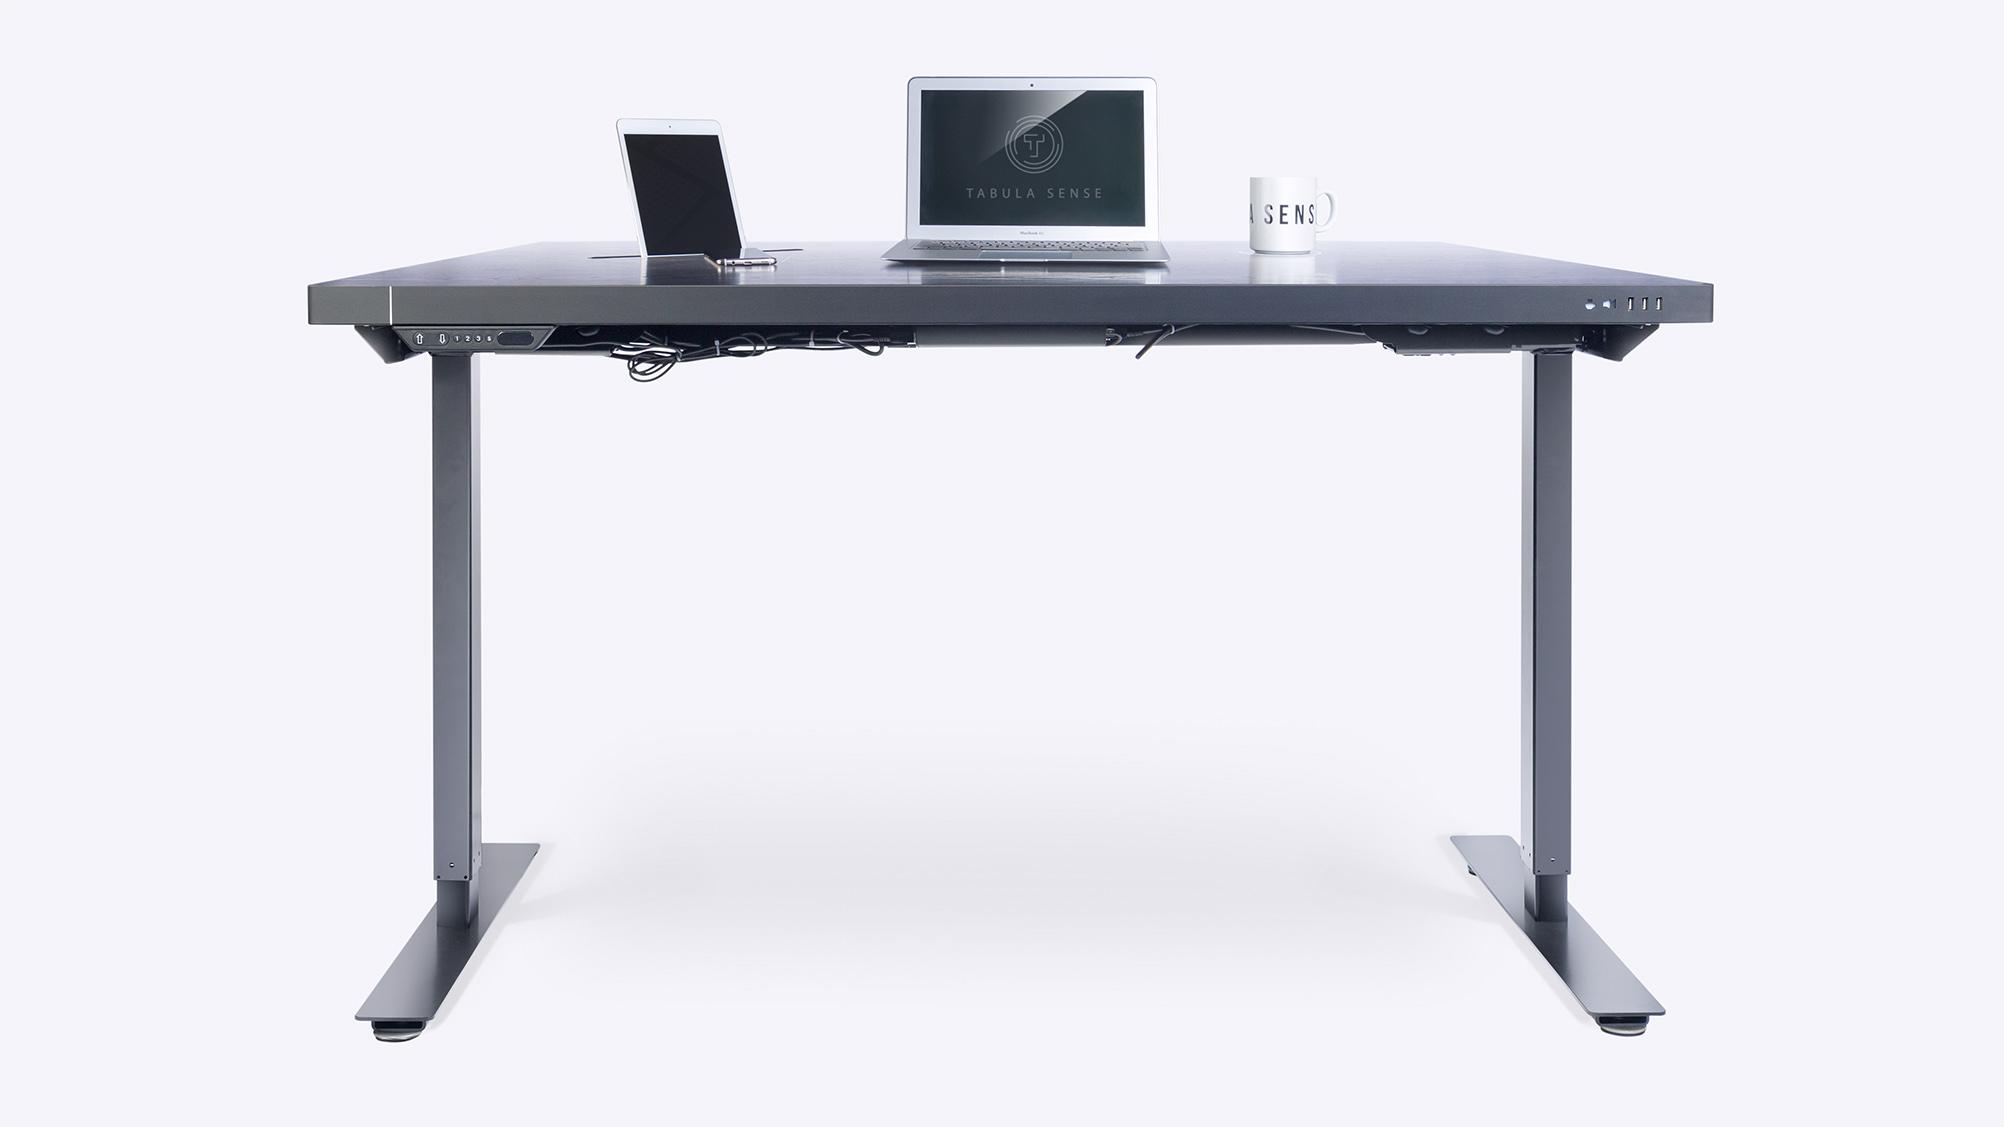 Стол стандартный Tabula Sense Smart Desk Mech черный